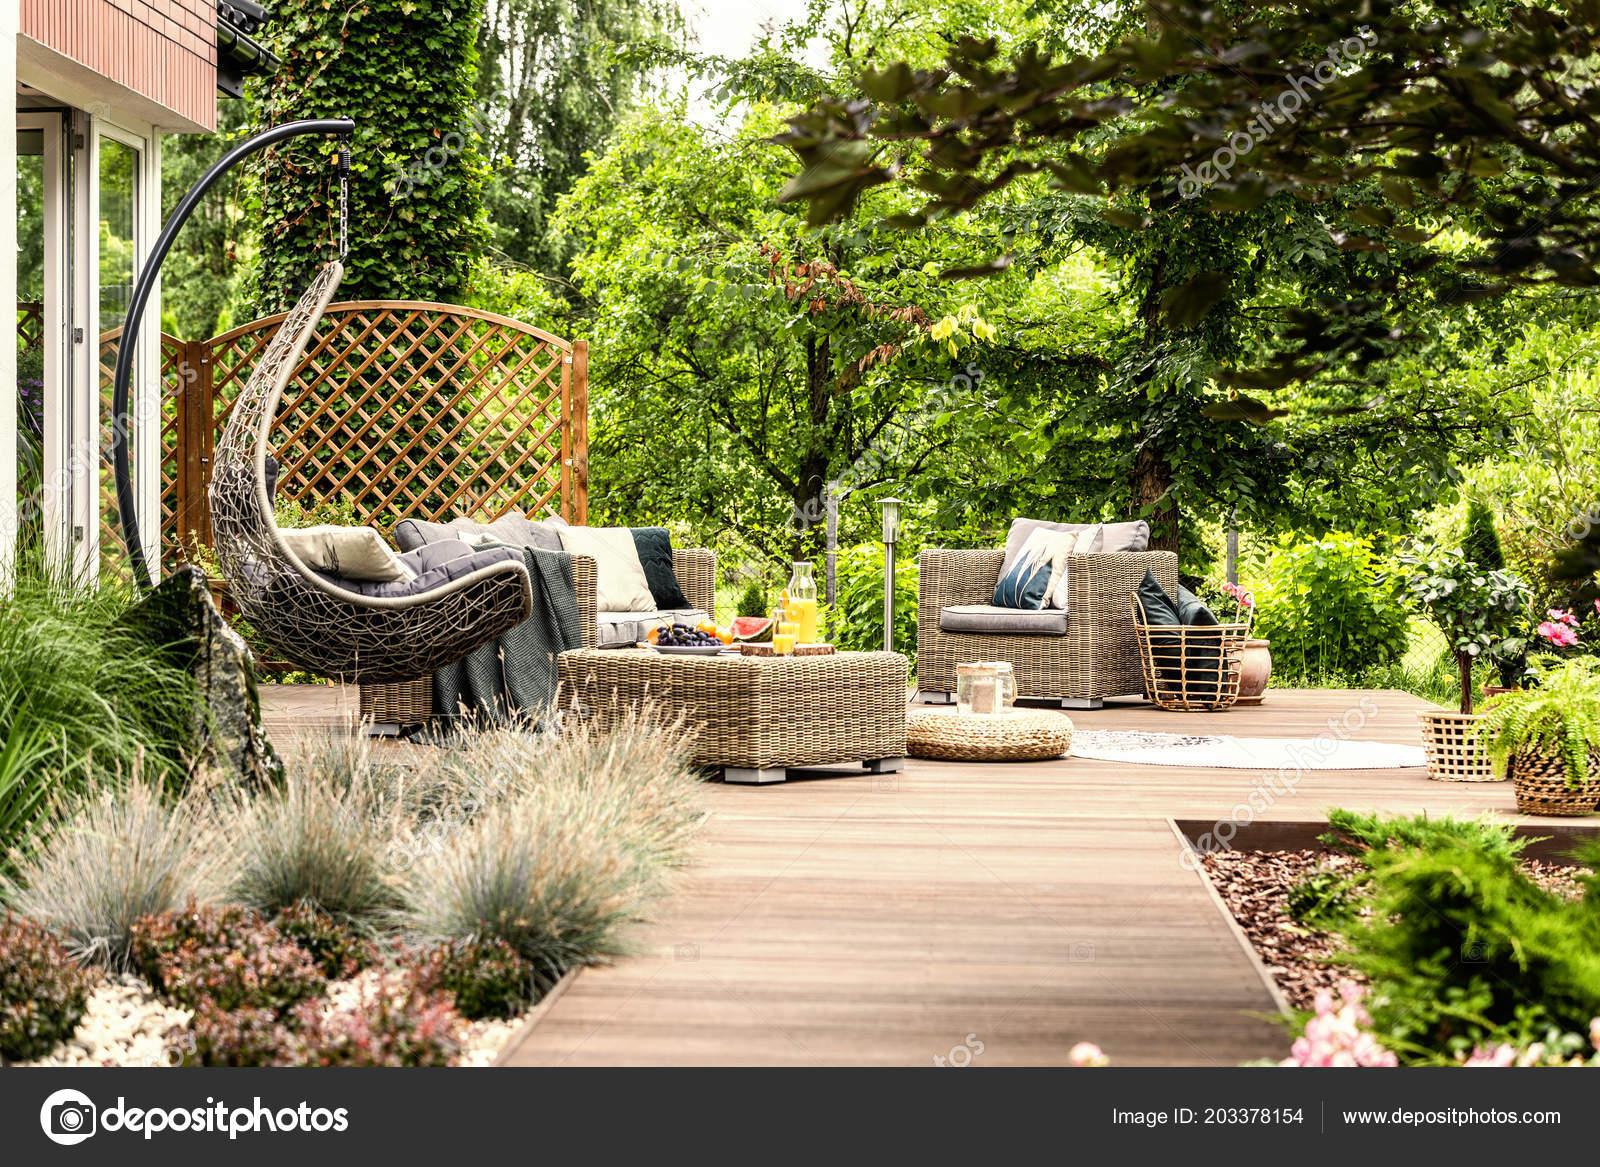 Single Swing Garden Furniture Set Wooden Terrace Green